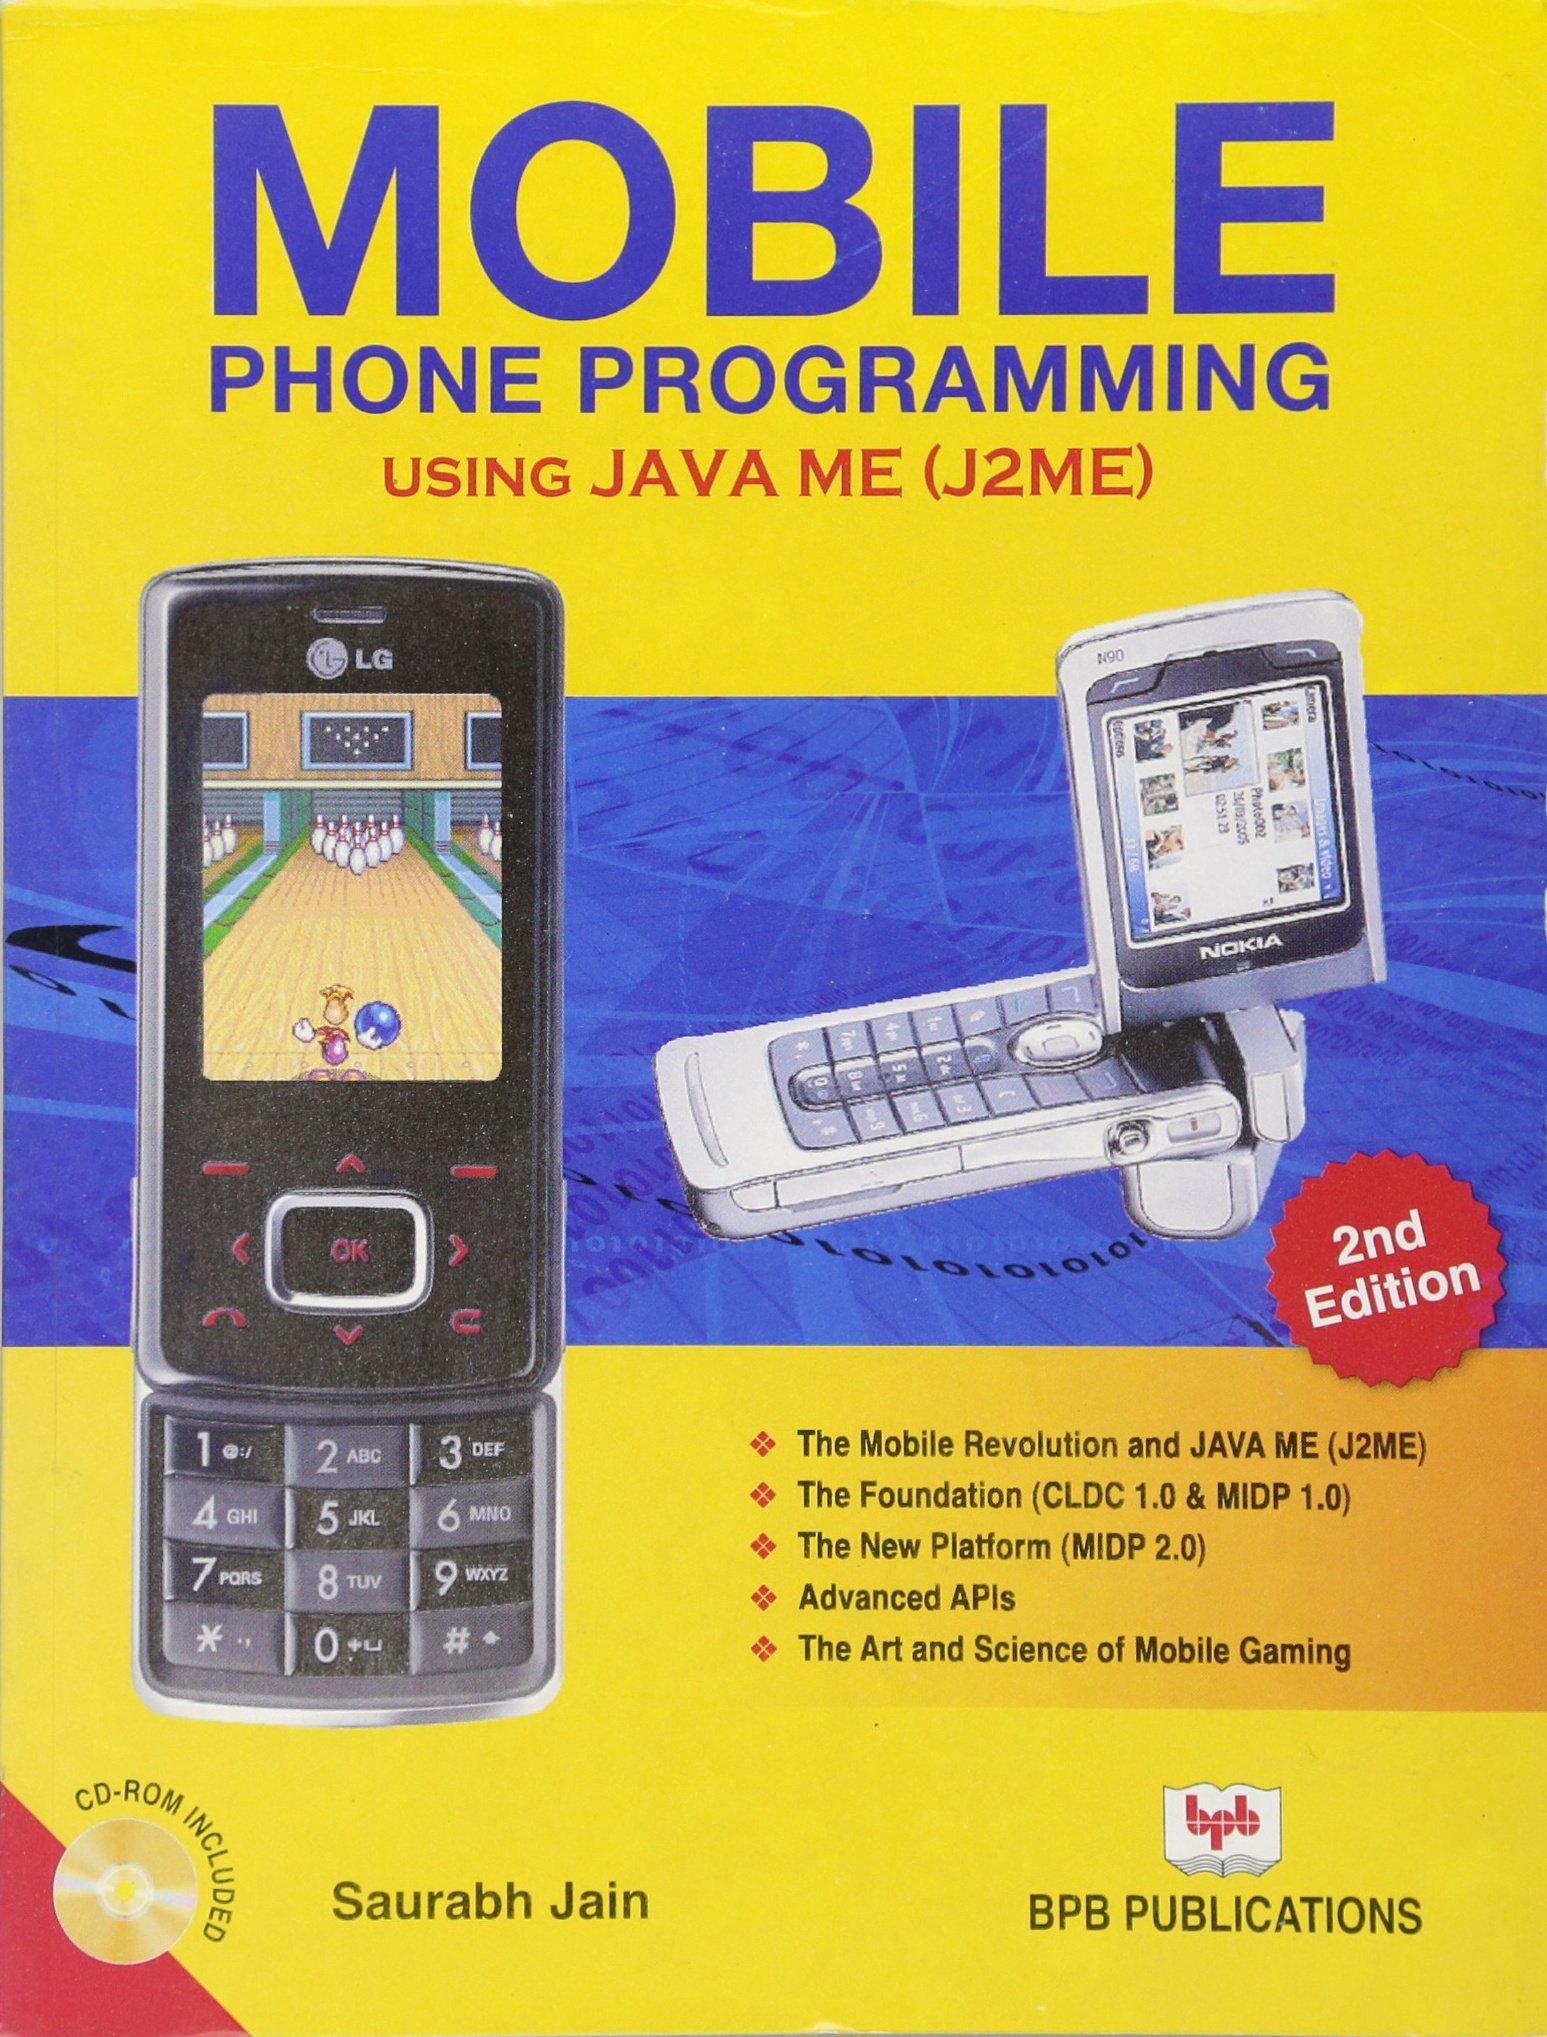 Buy Mobile Phone Programming Using Java ME (J2ME) Book Online at Low